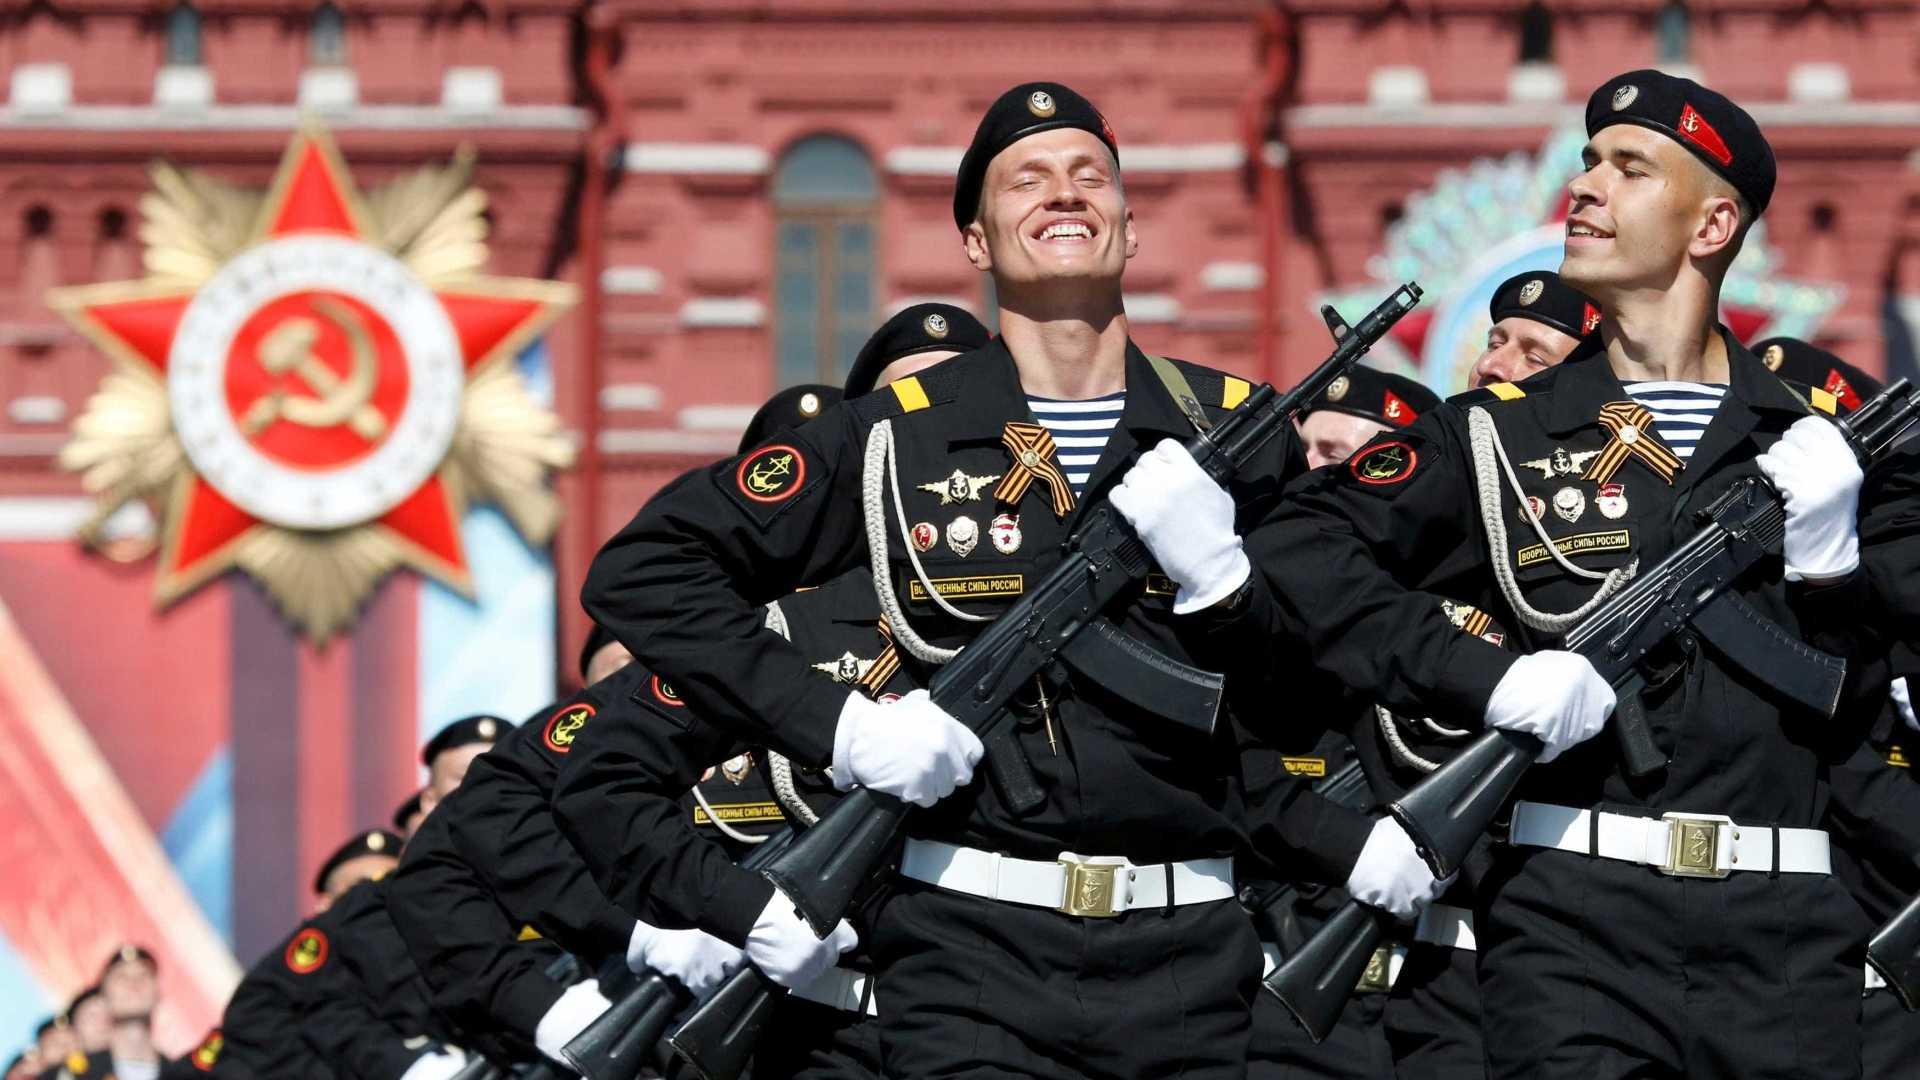 rússia proíbe soldados de terem smartphones devido às redes sociais - MILITARES RUSSUS - Rússia proíbe soldados de terem smartphones devido às redes sociais